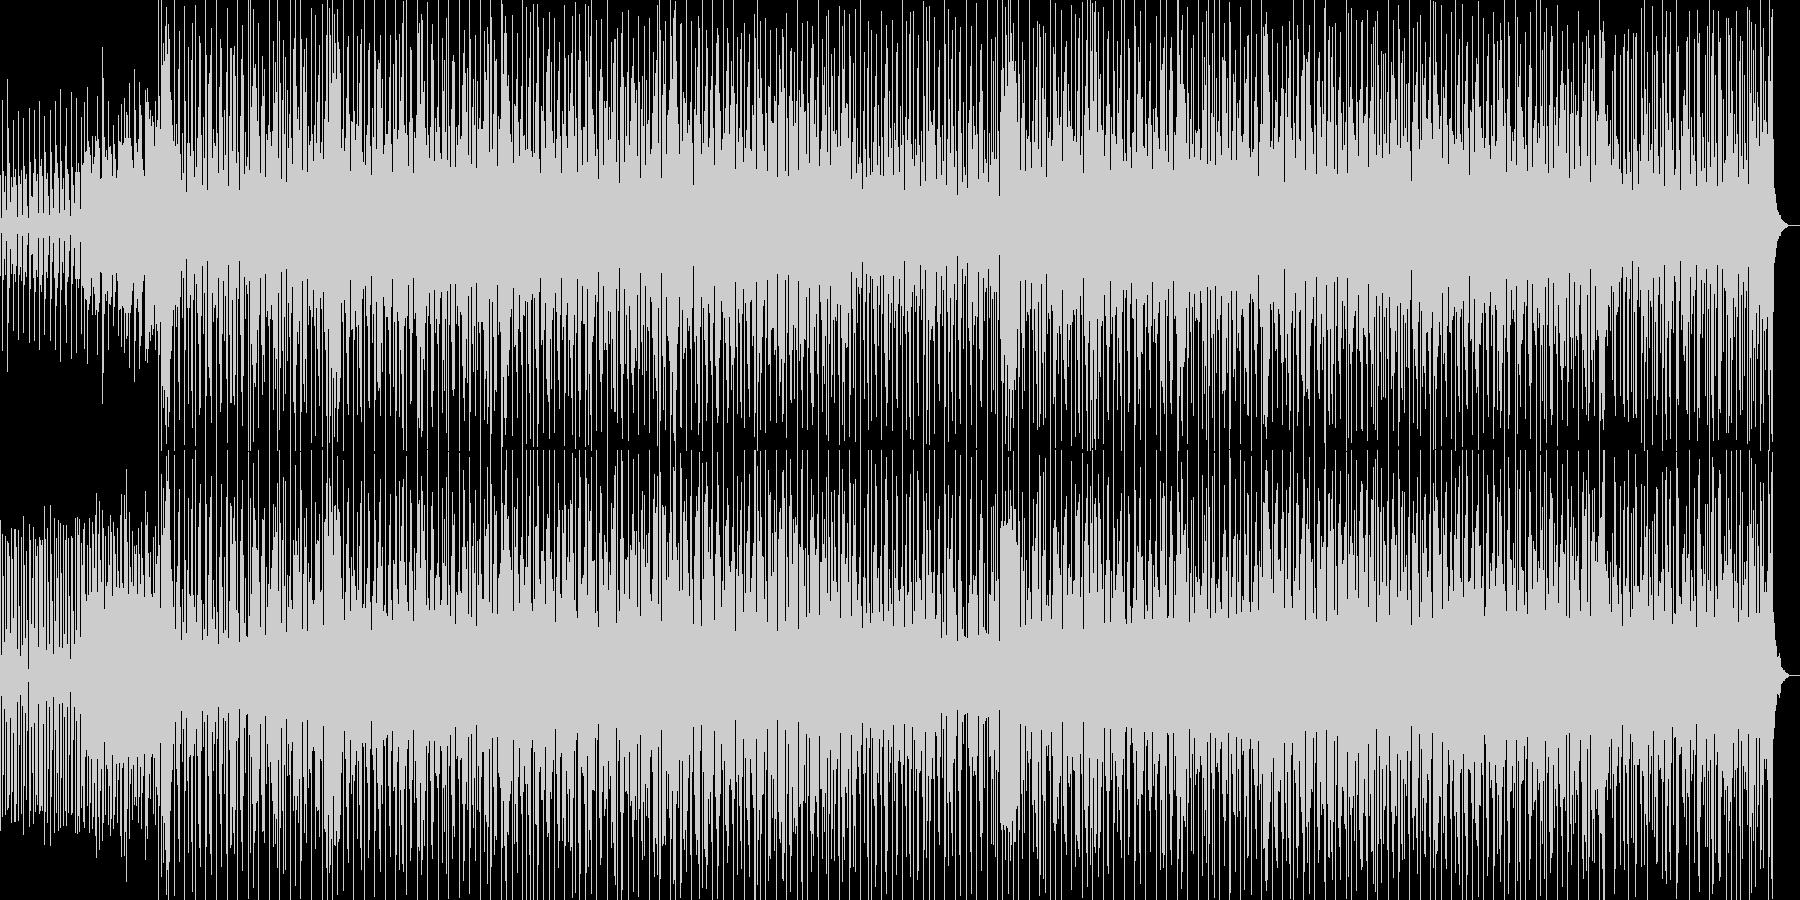 爽やかでセンチメンタルな気分の曲の未再生の波形